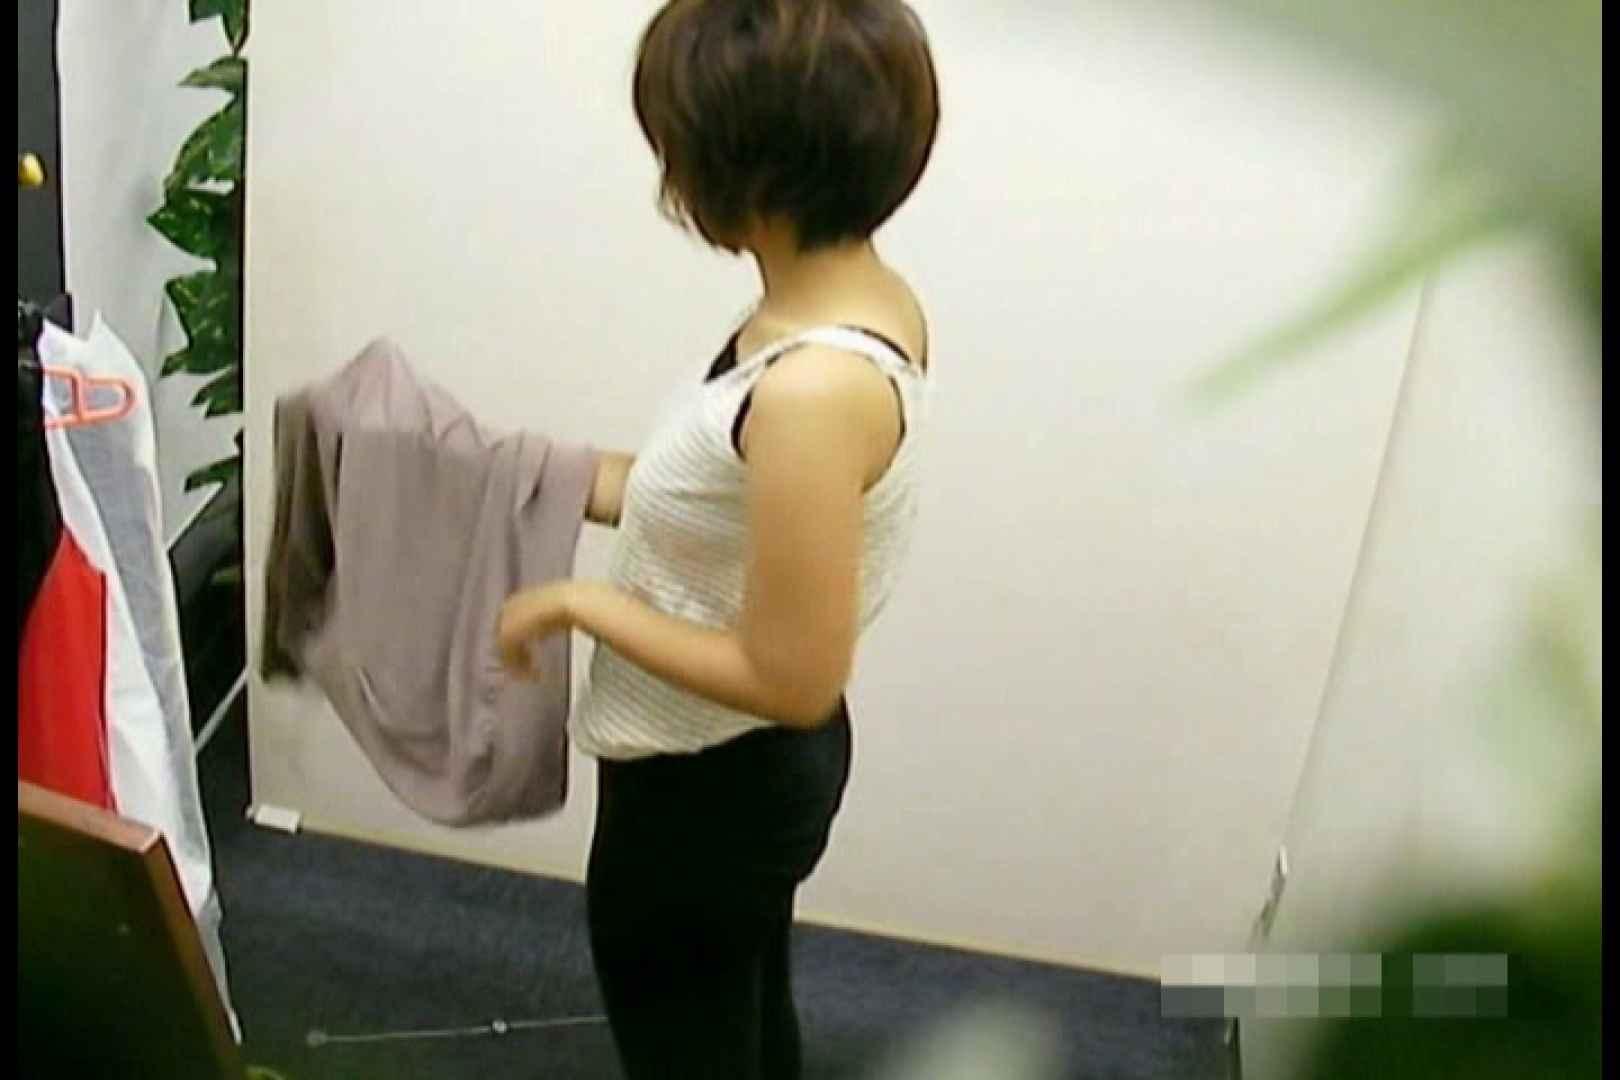 素人撮影 下着だけの撮影のはずが・・・エミちゃん18歳 乳首 | 盗撮  95pic 91